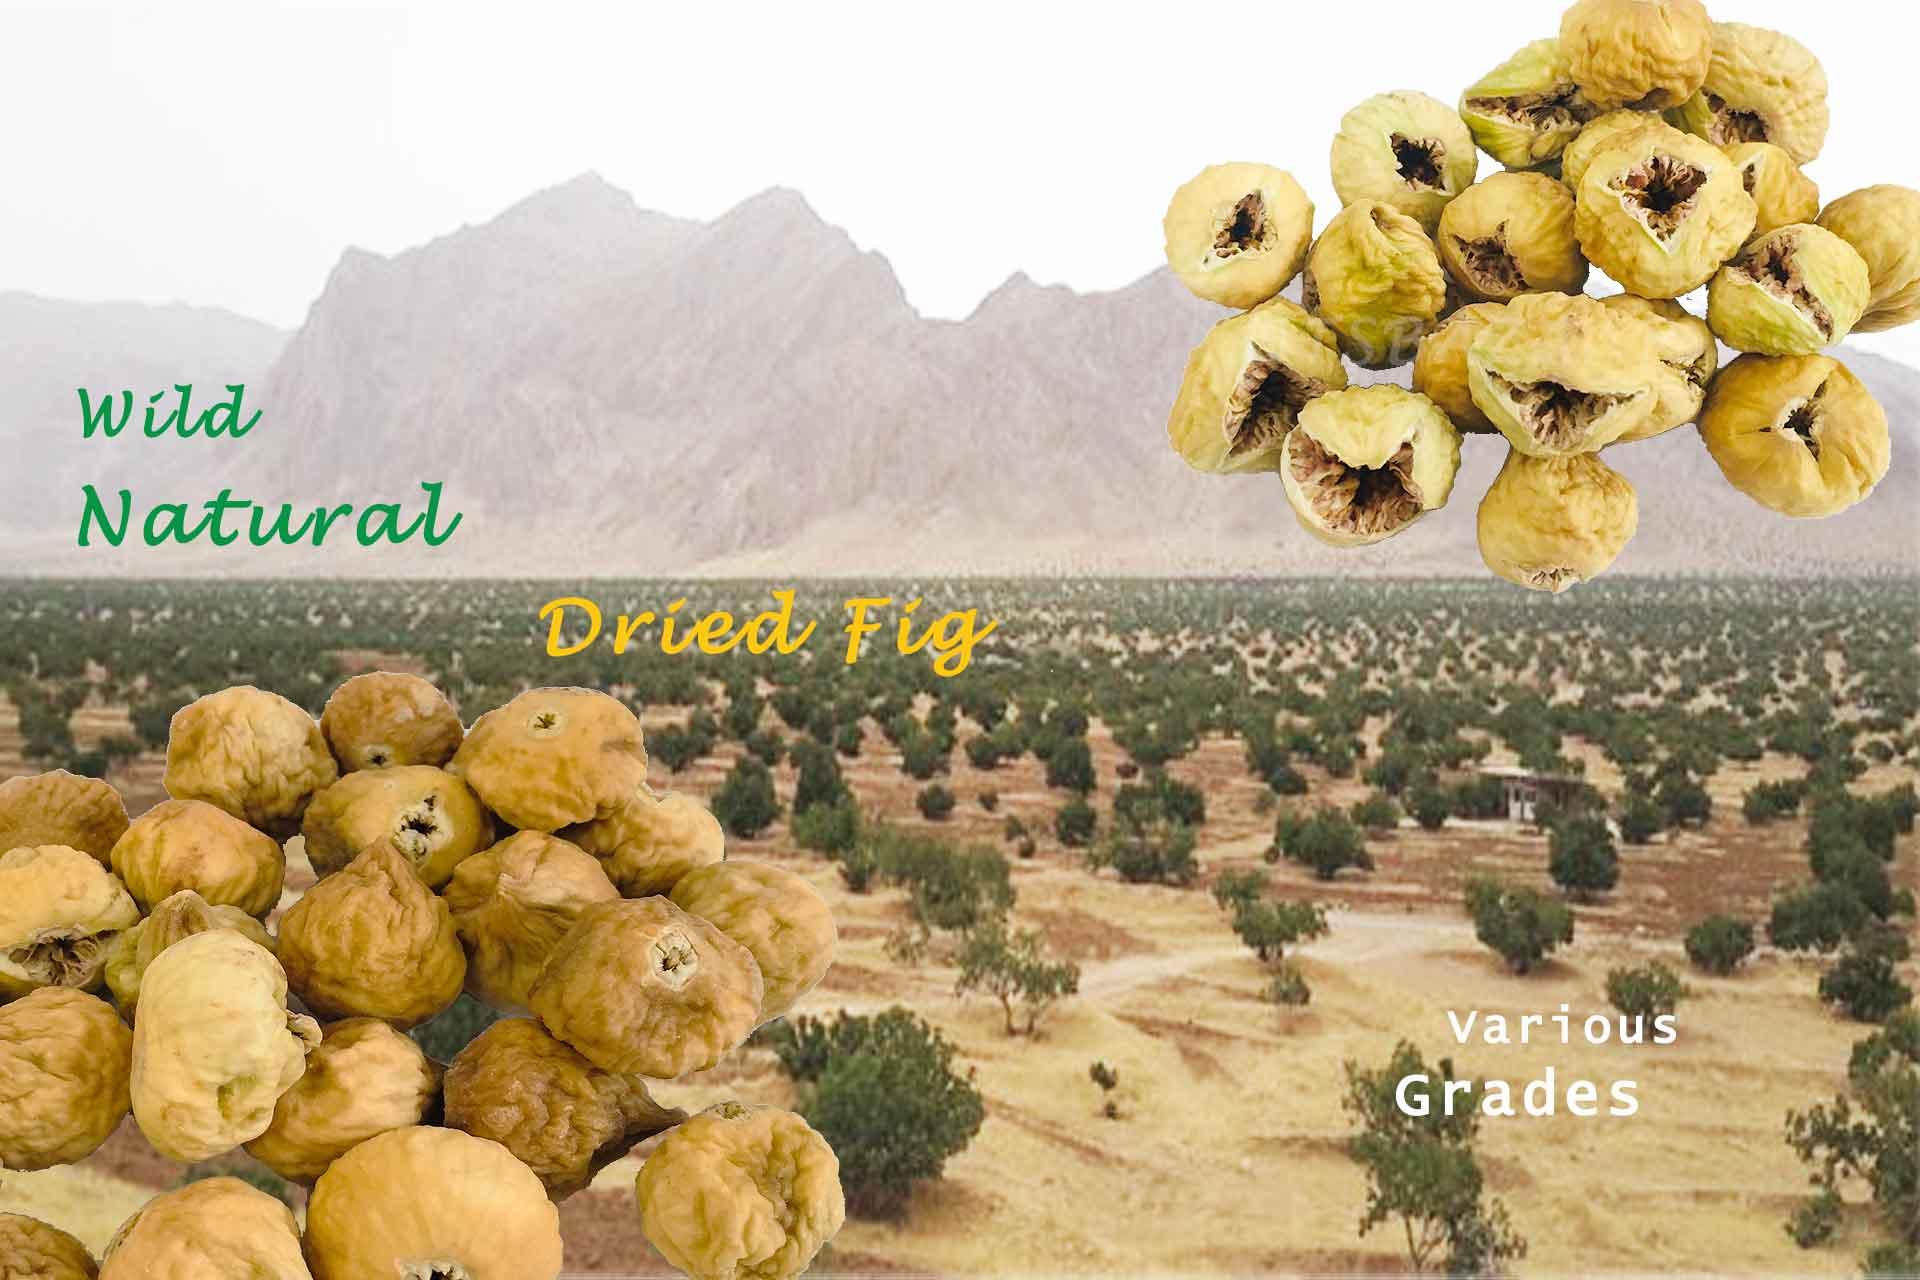 kernelo nutskala DriedFig wild natural bazaar wholesale price